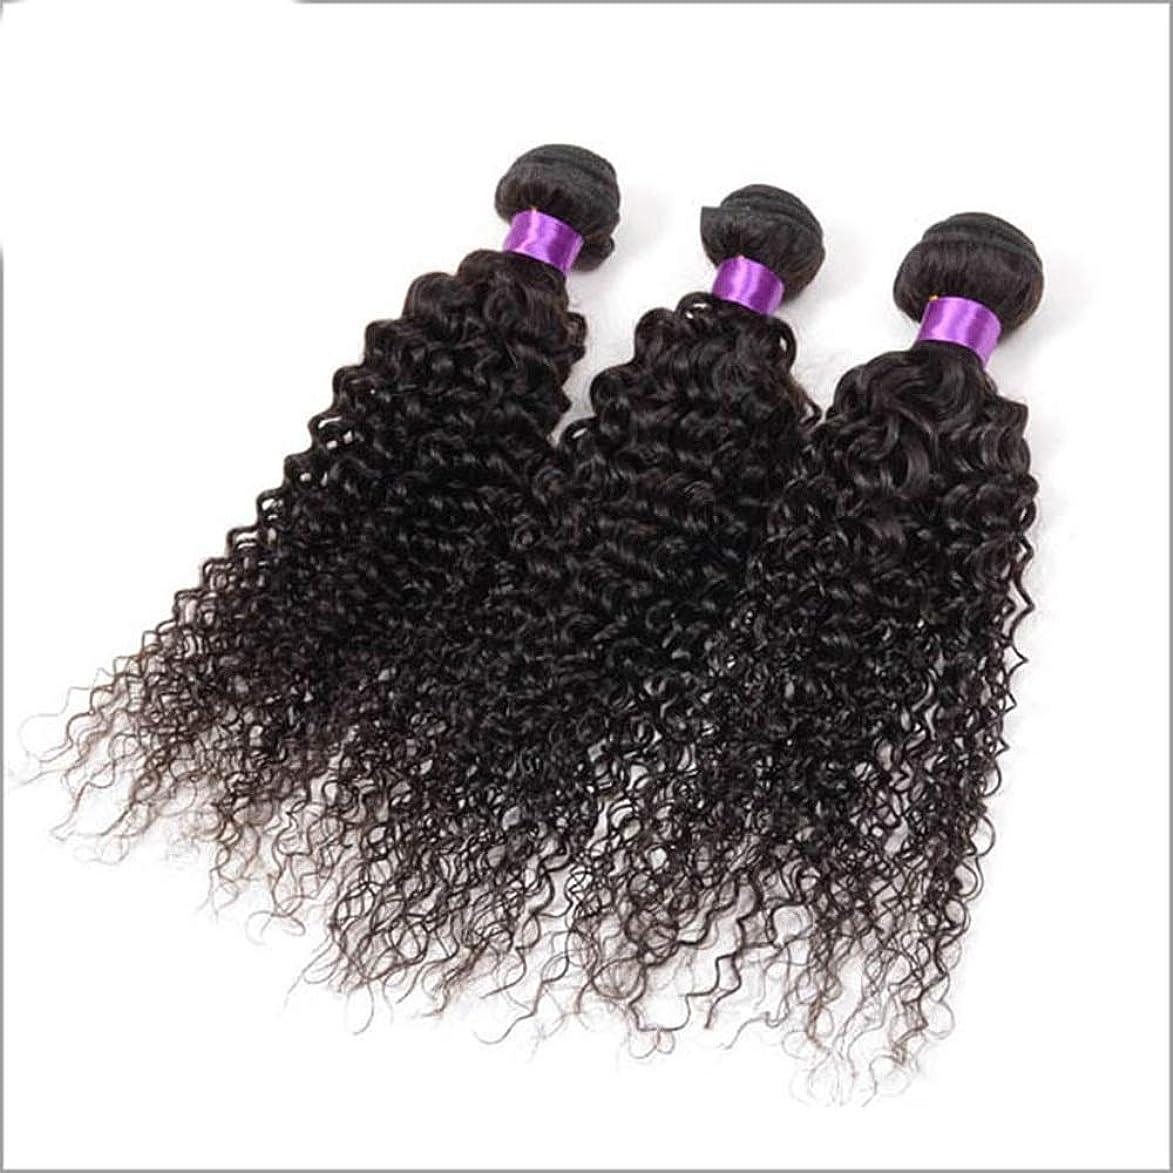 ロンドン逃げる勇気のあるYESONEEP ブラジルの変態巻き毛の束人間の髪の束3バンドルナチュラルブラックカラー複合毛レースのかつらロールプレイングかつら (色 : 黒, サイズ : 16 inch)